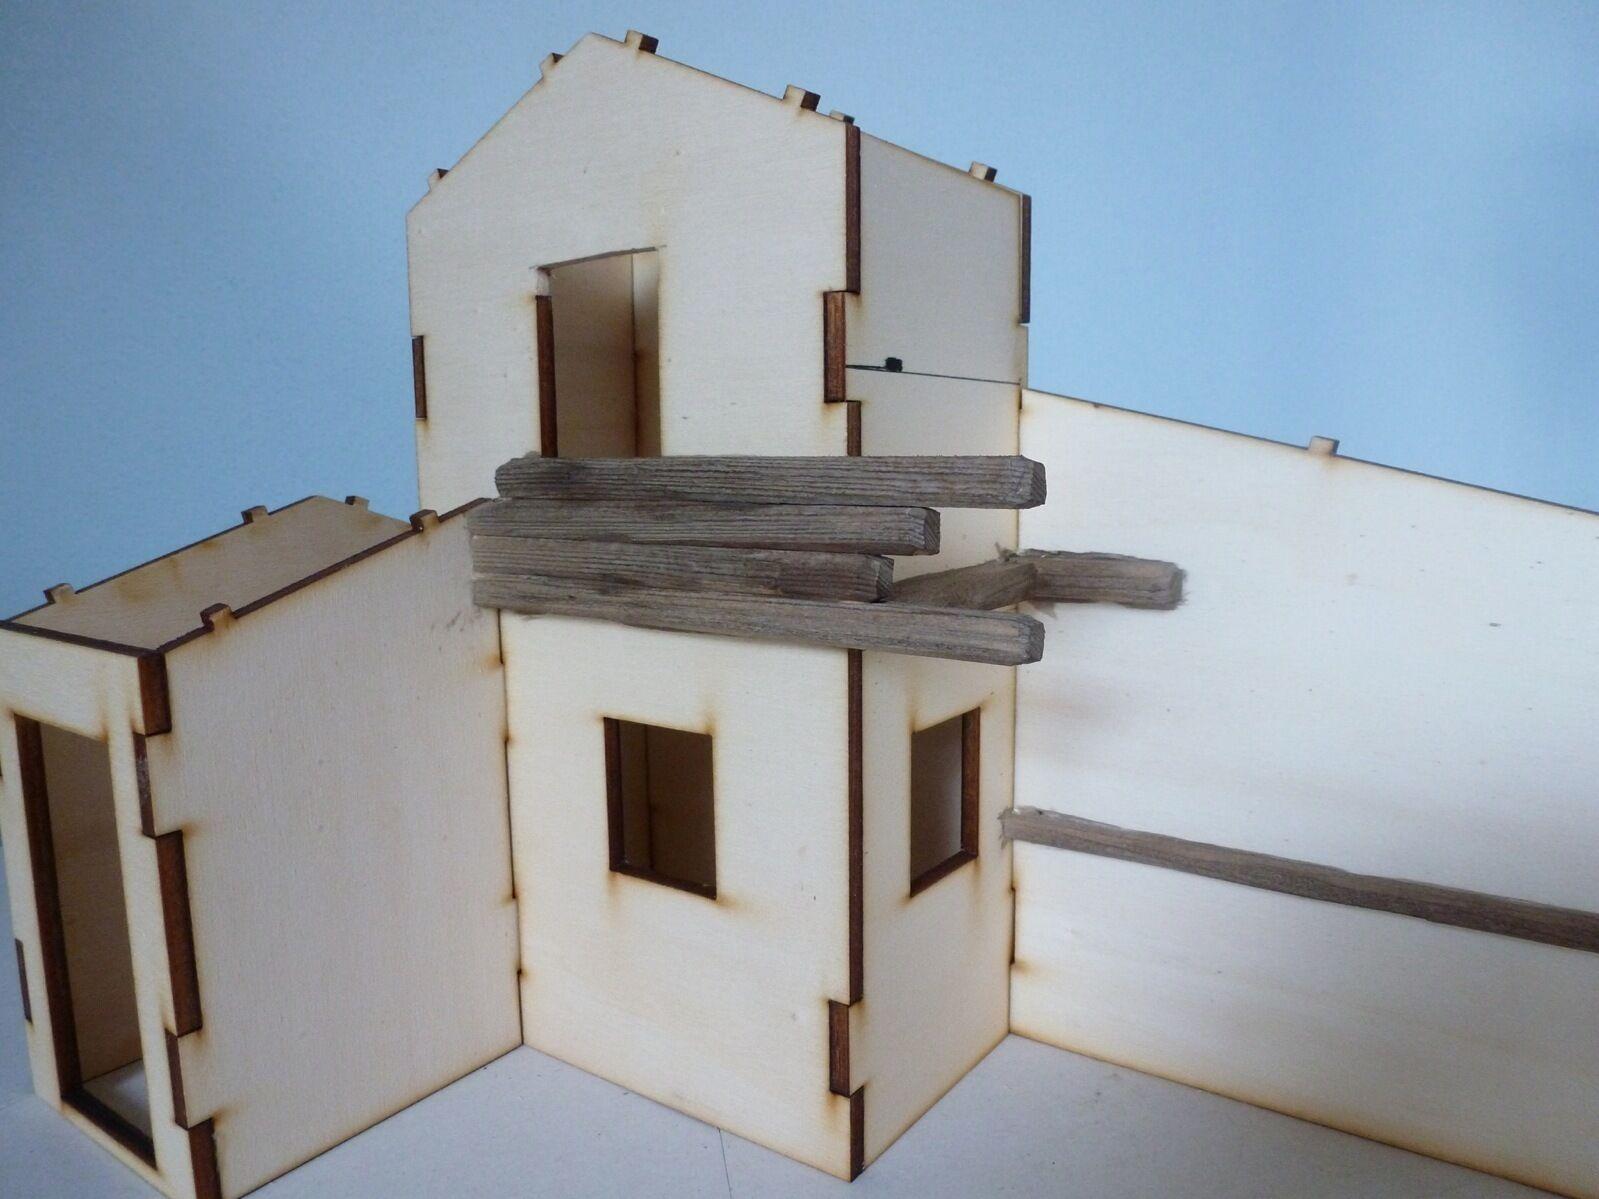 krippenbausatz krippe bergbach 9 10cm bausatz zum krippe selber bauen eur 59 90 picclick de. Black Bedroom Furniture Sets. Home Design Ideas